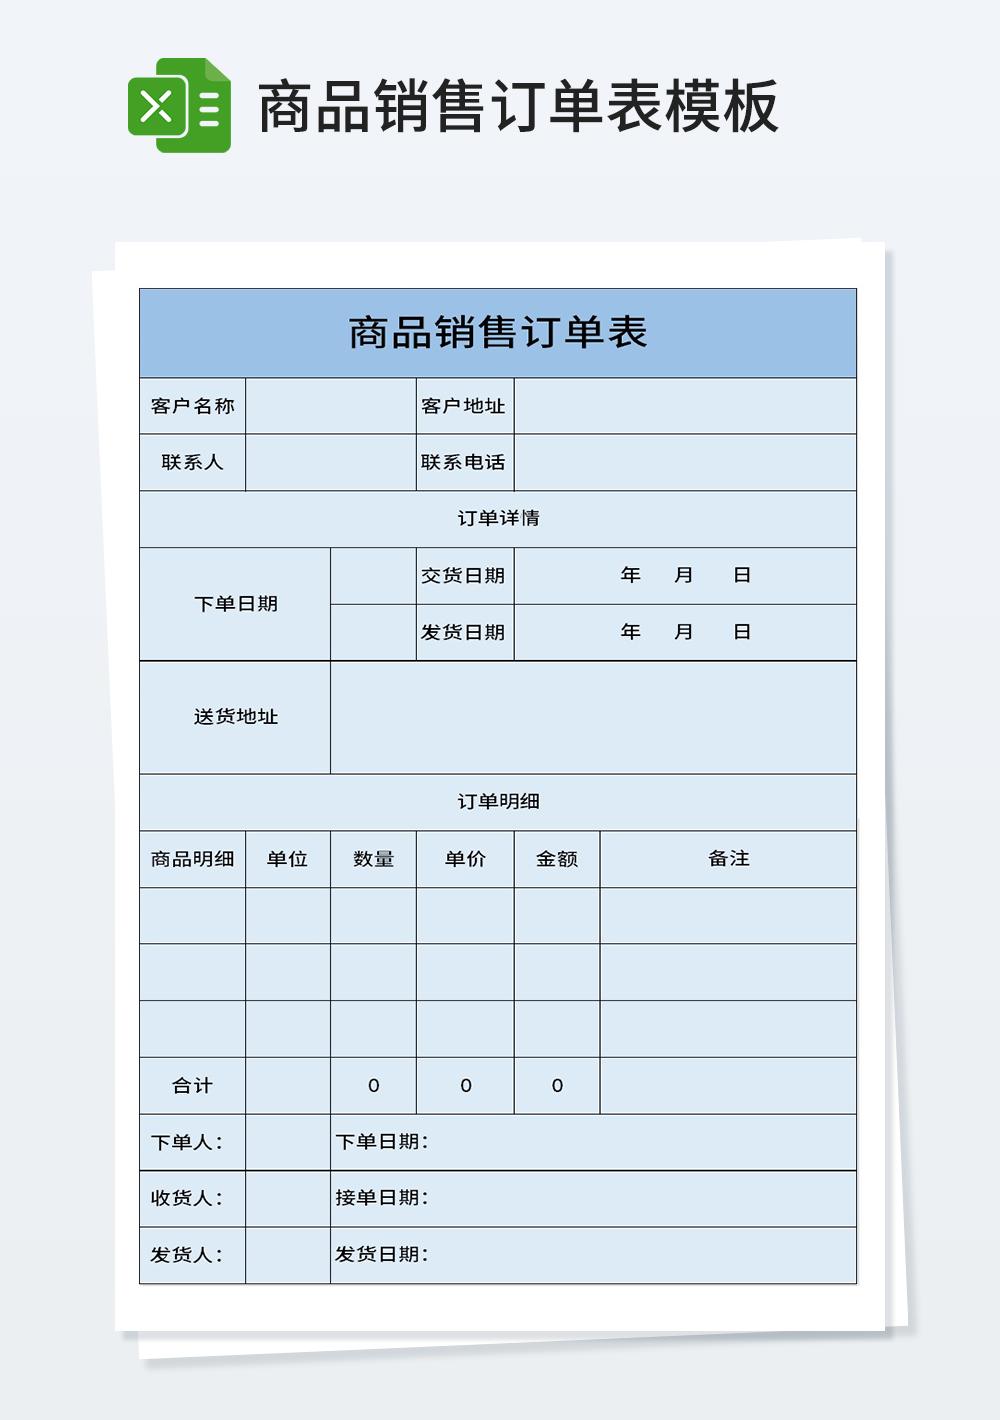 商品销售订单表模板